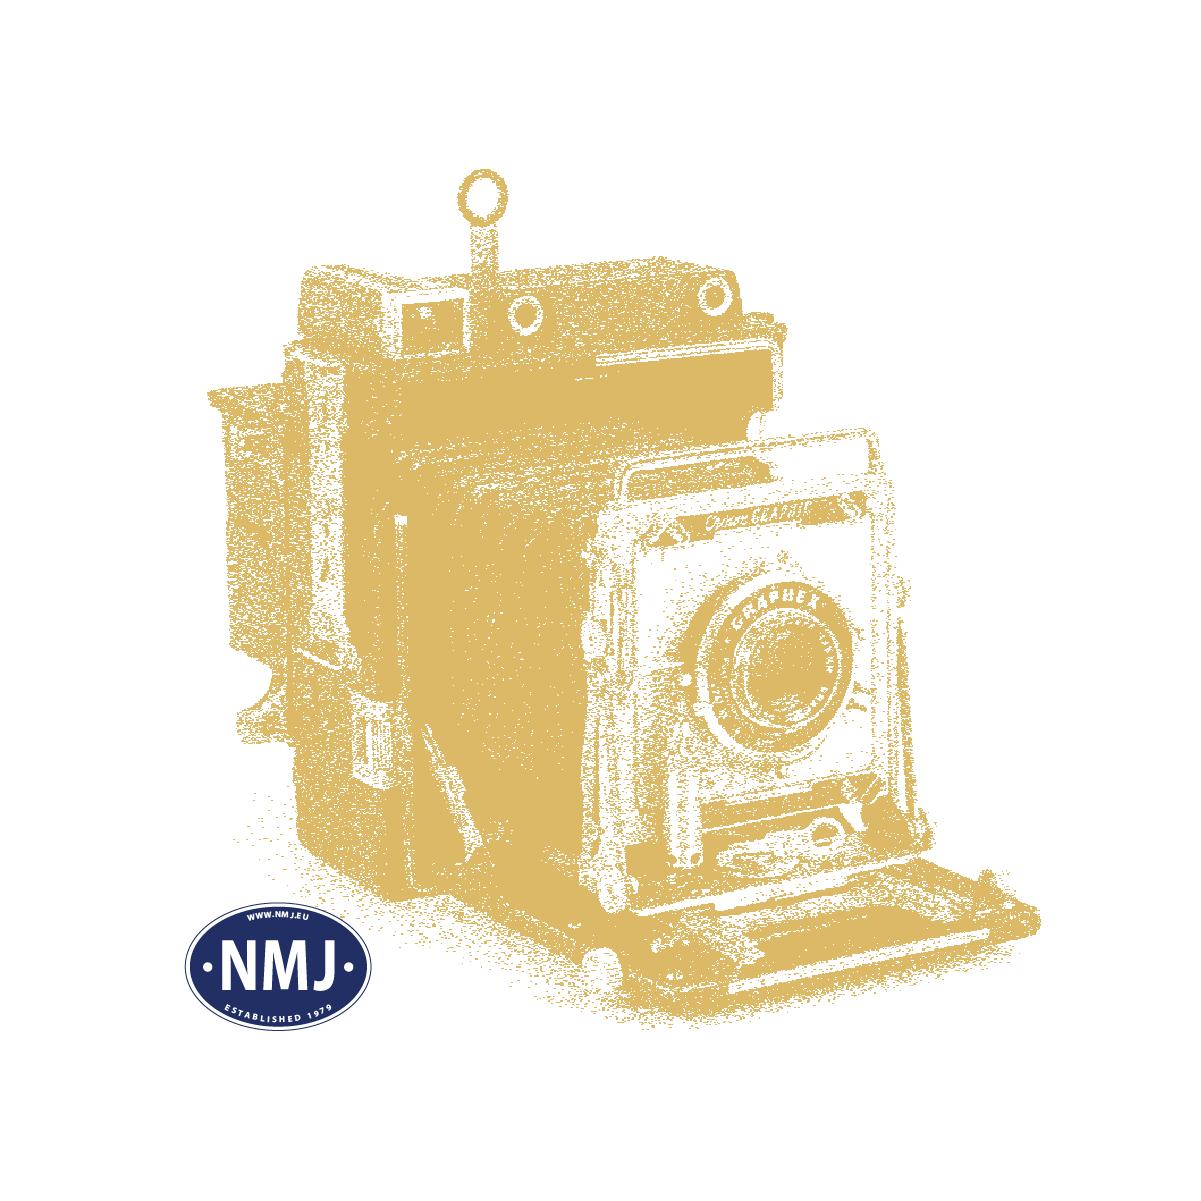 NOC15958 - Aktmodeller